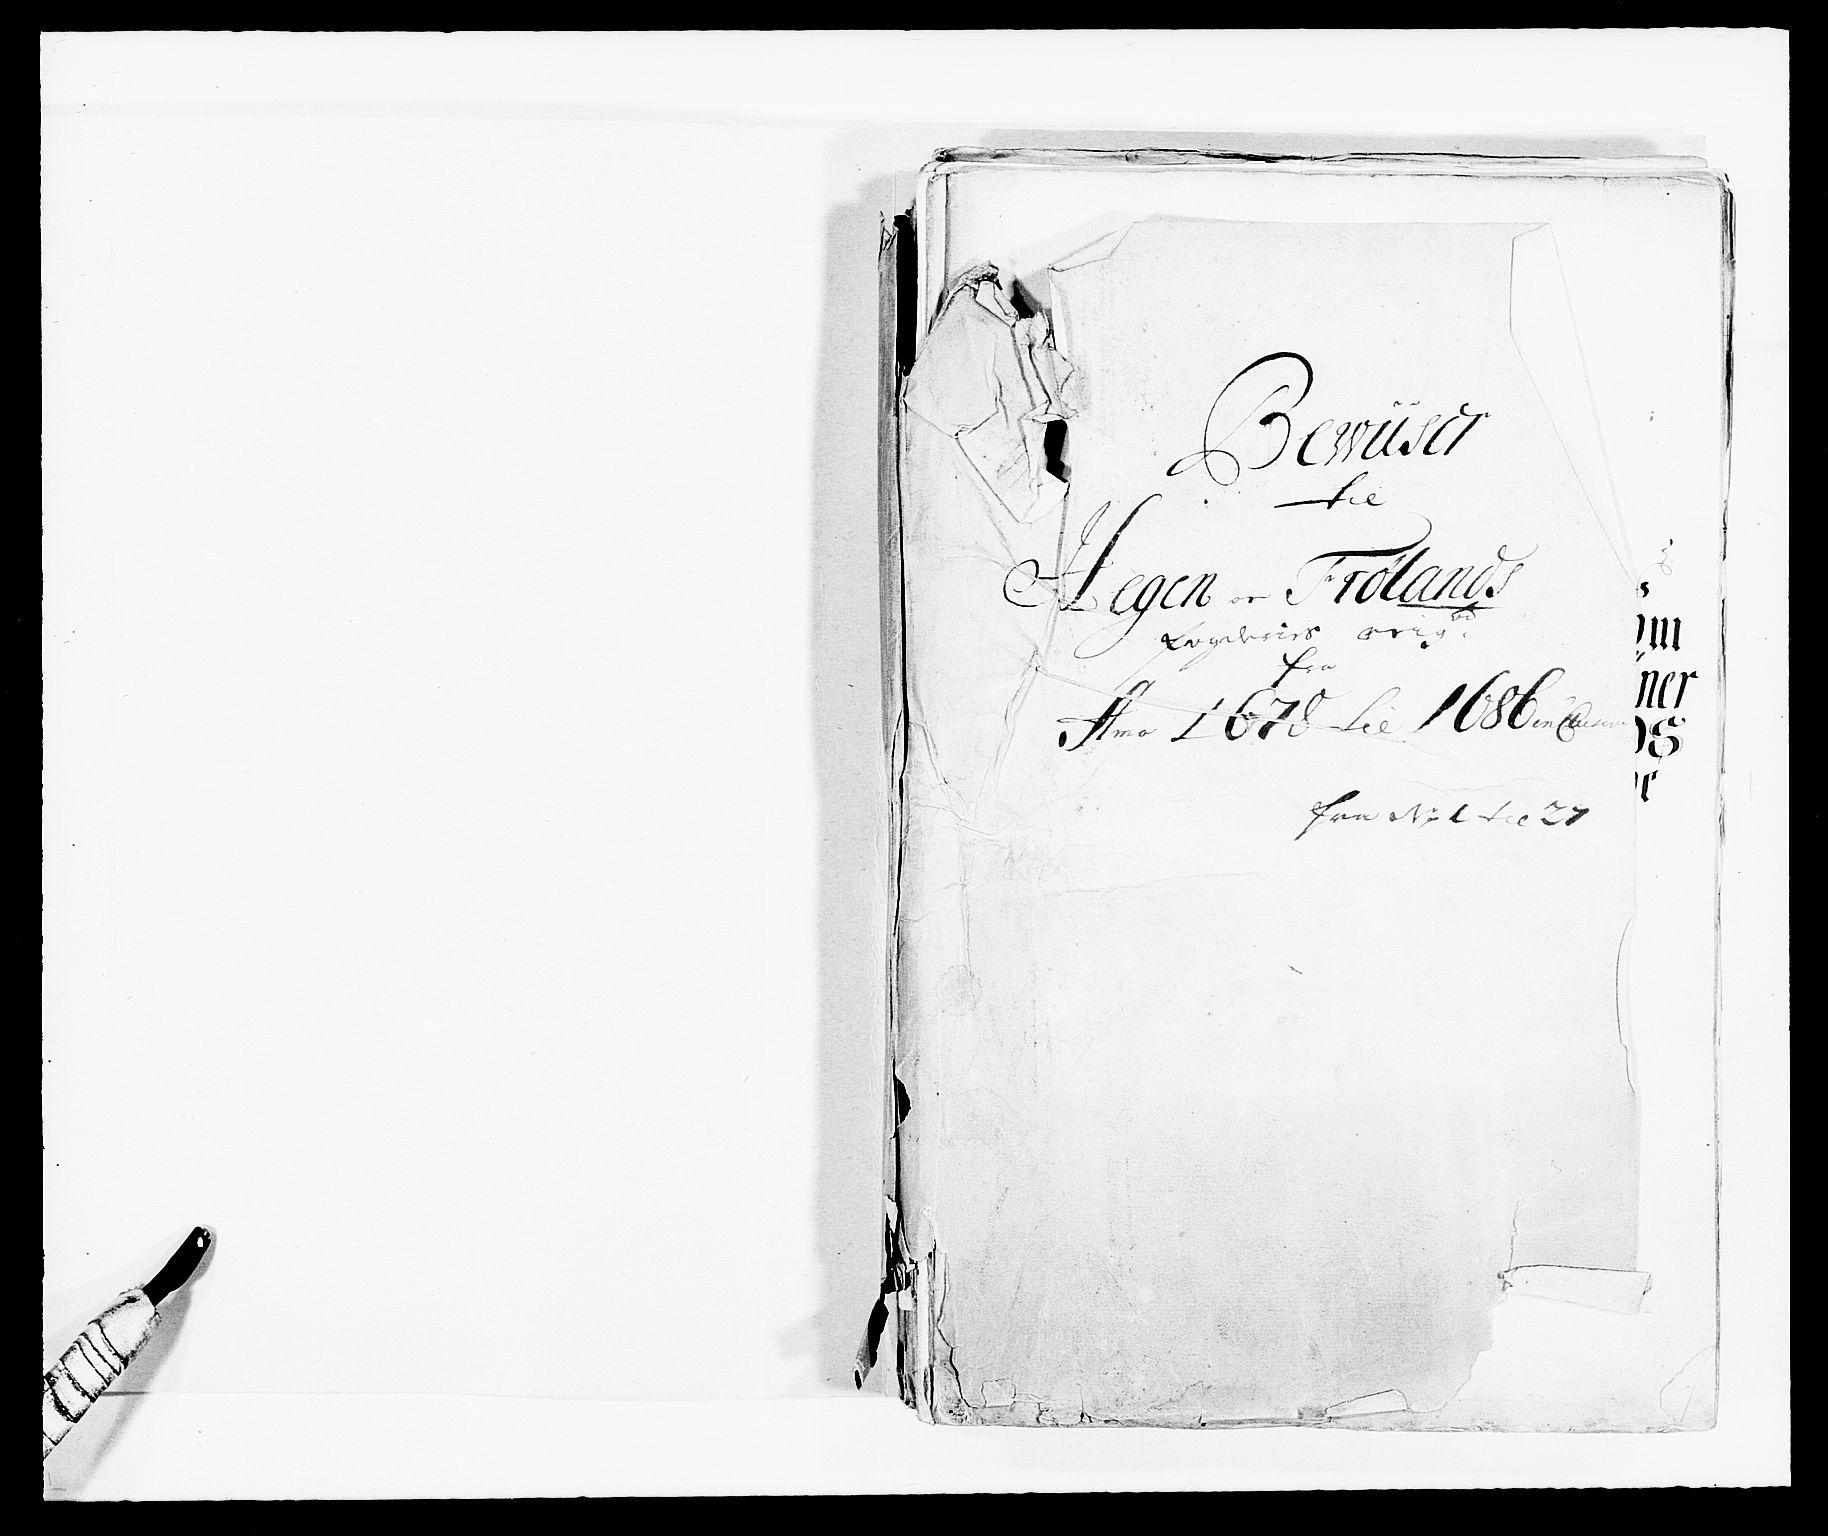 RA, Rentekammeret inntil 1814, Reviderte regnskaper, Fogderegnskap, R06/L0281: Fogderegnskap Heggen og Frøland, 1678-1686, s. 122